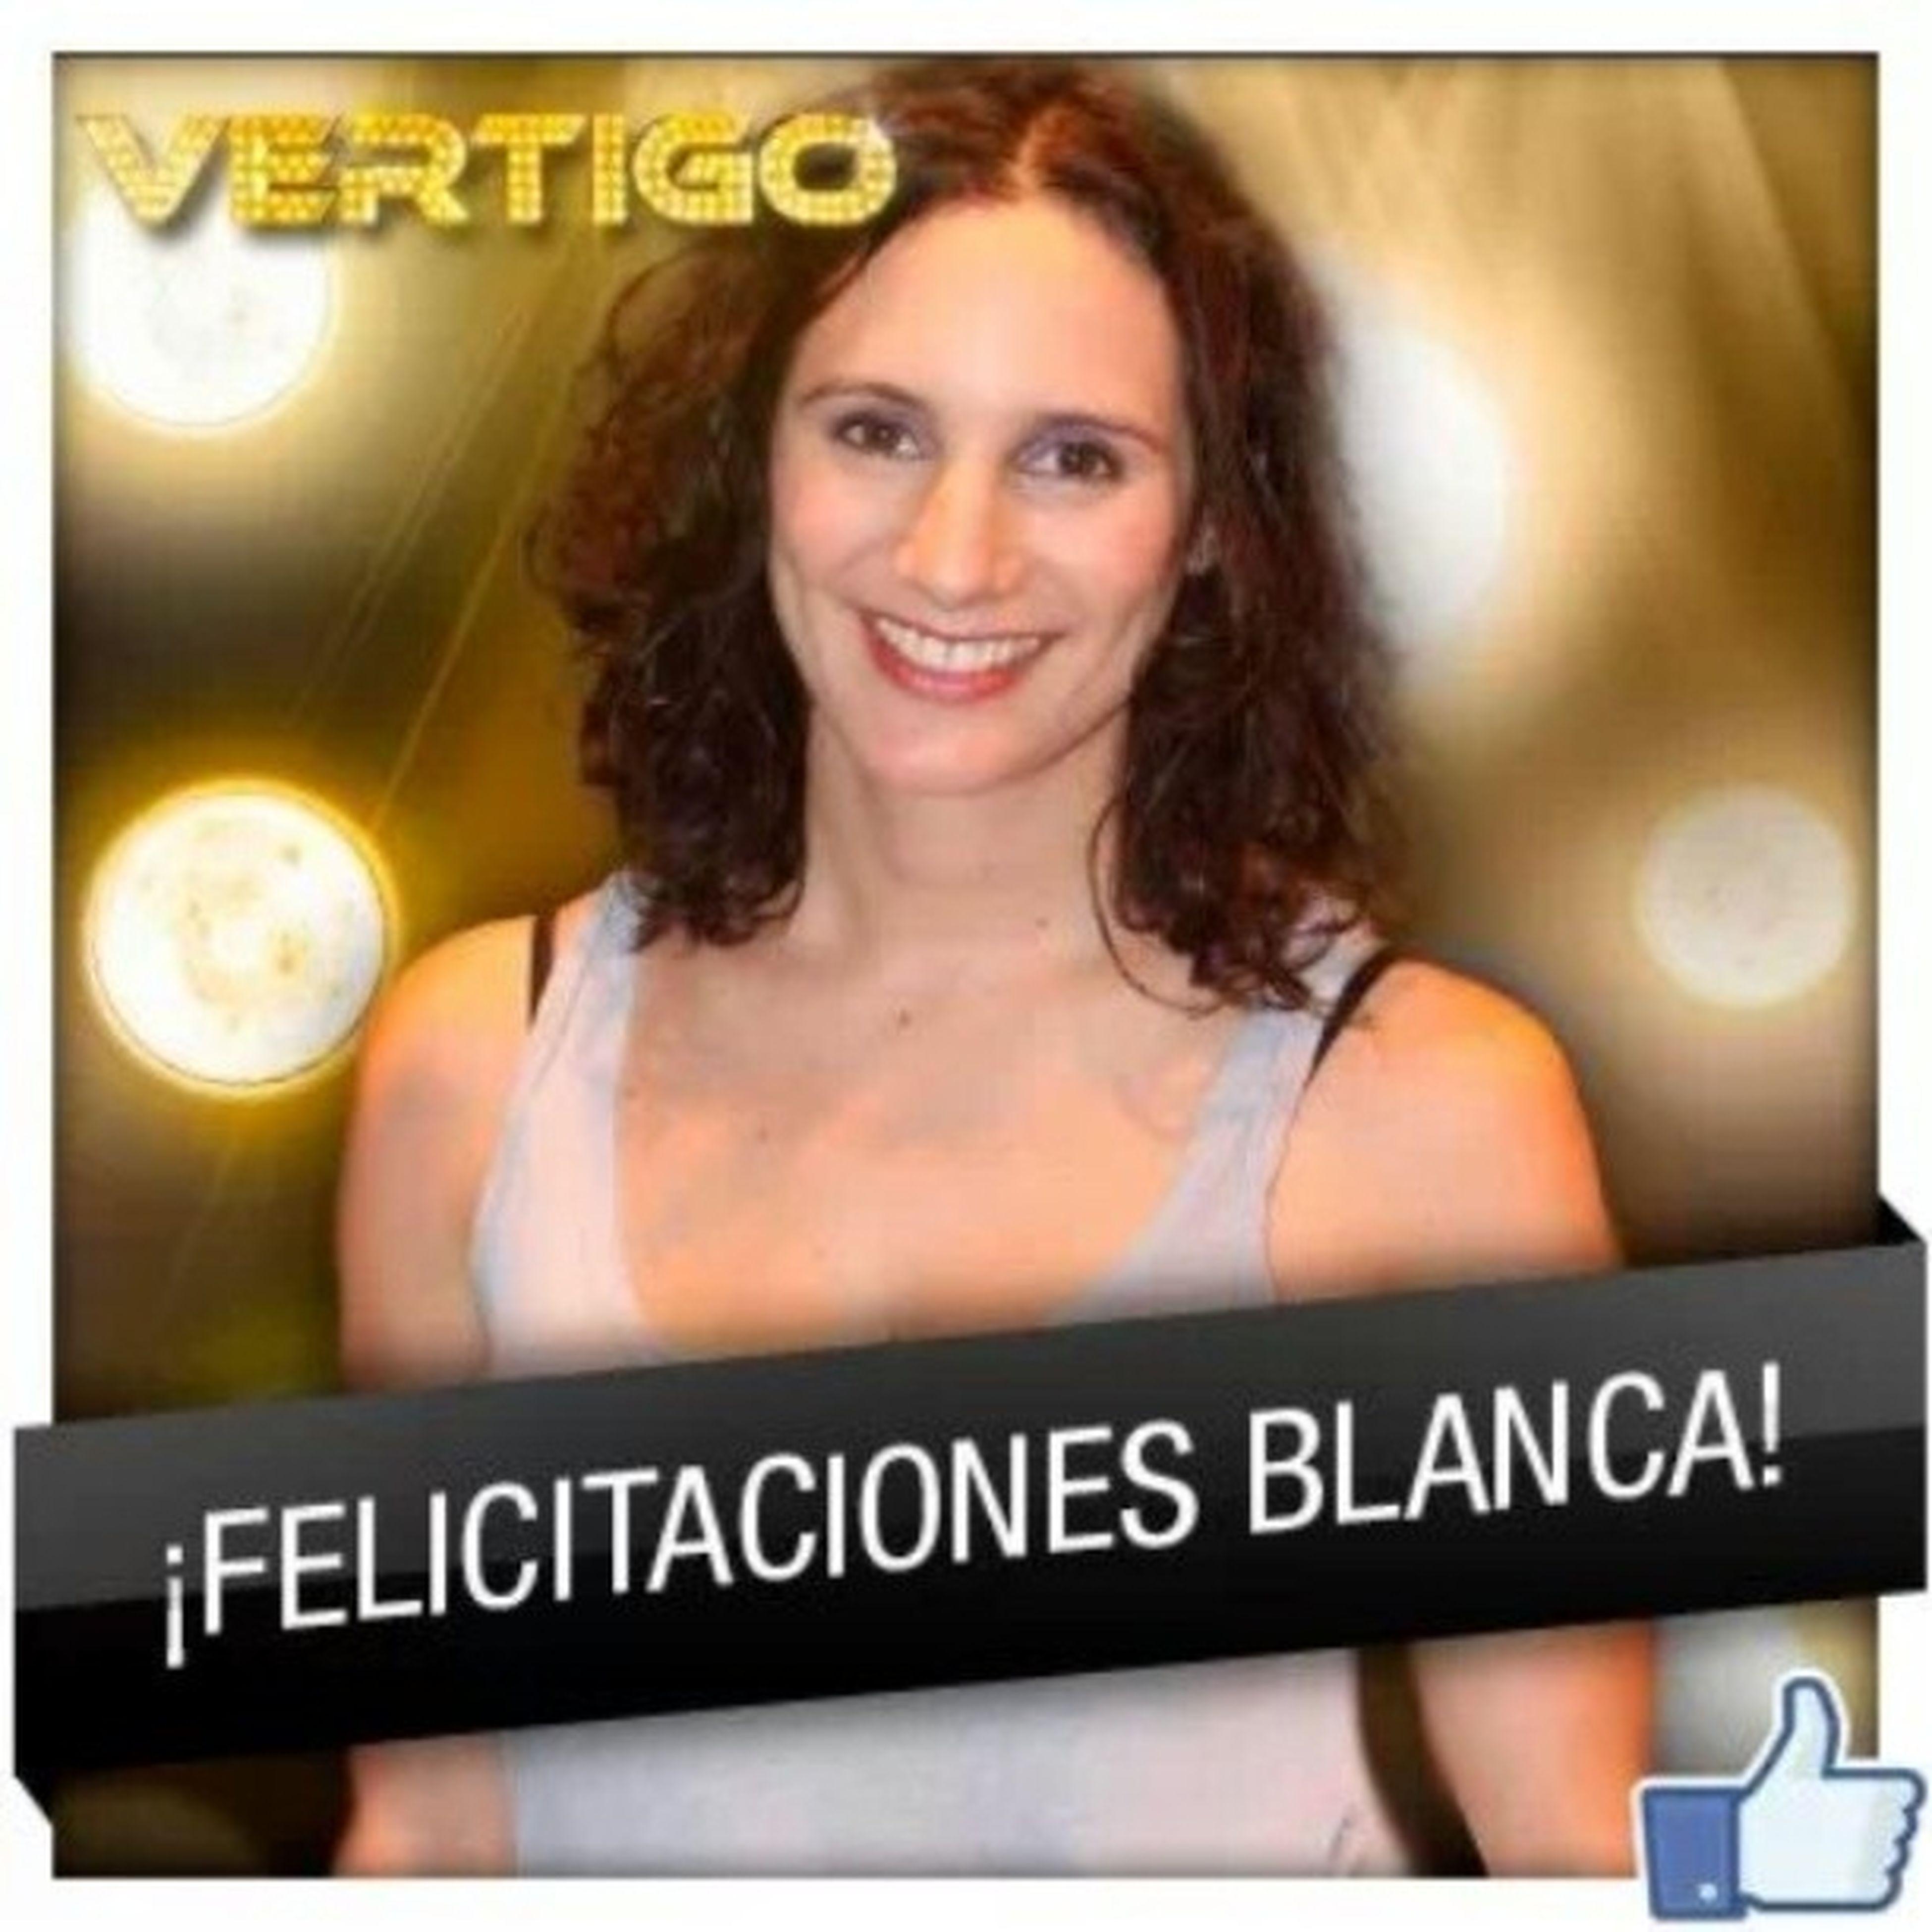 Felicitaciones BlancaLewin Gran Ganadora Vertigo